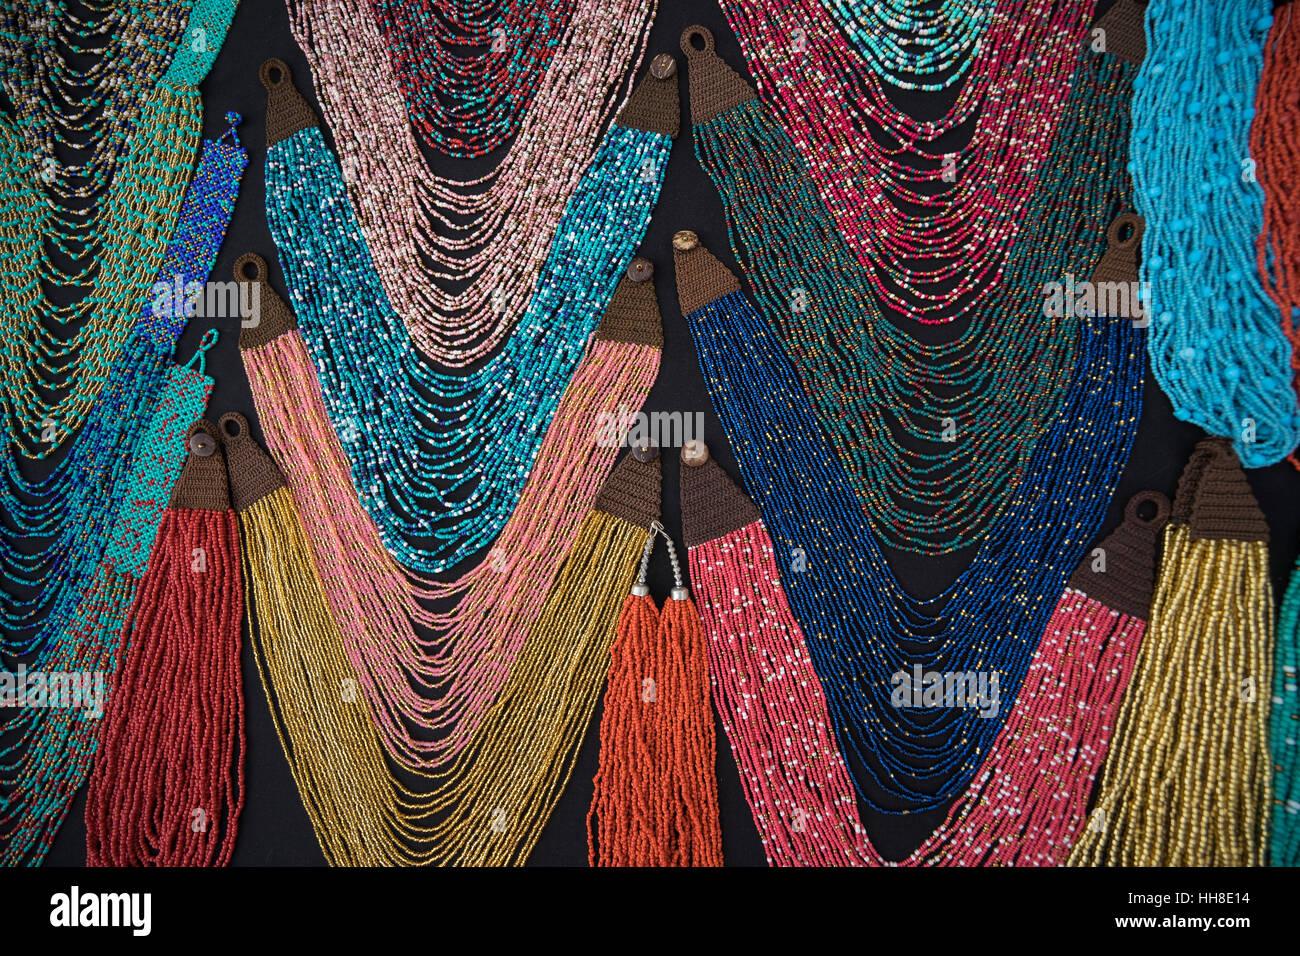 Bijoux en gros plan des microbilles marché Otavalo Équateur Photo Stock